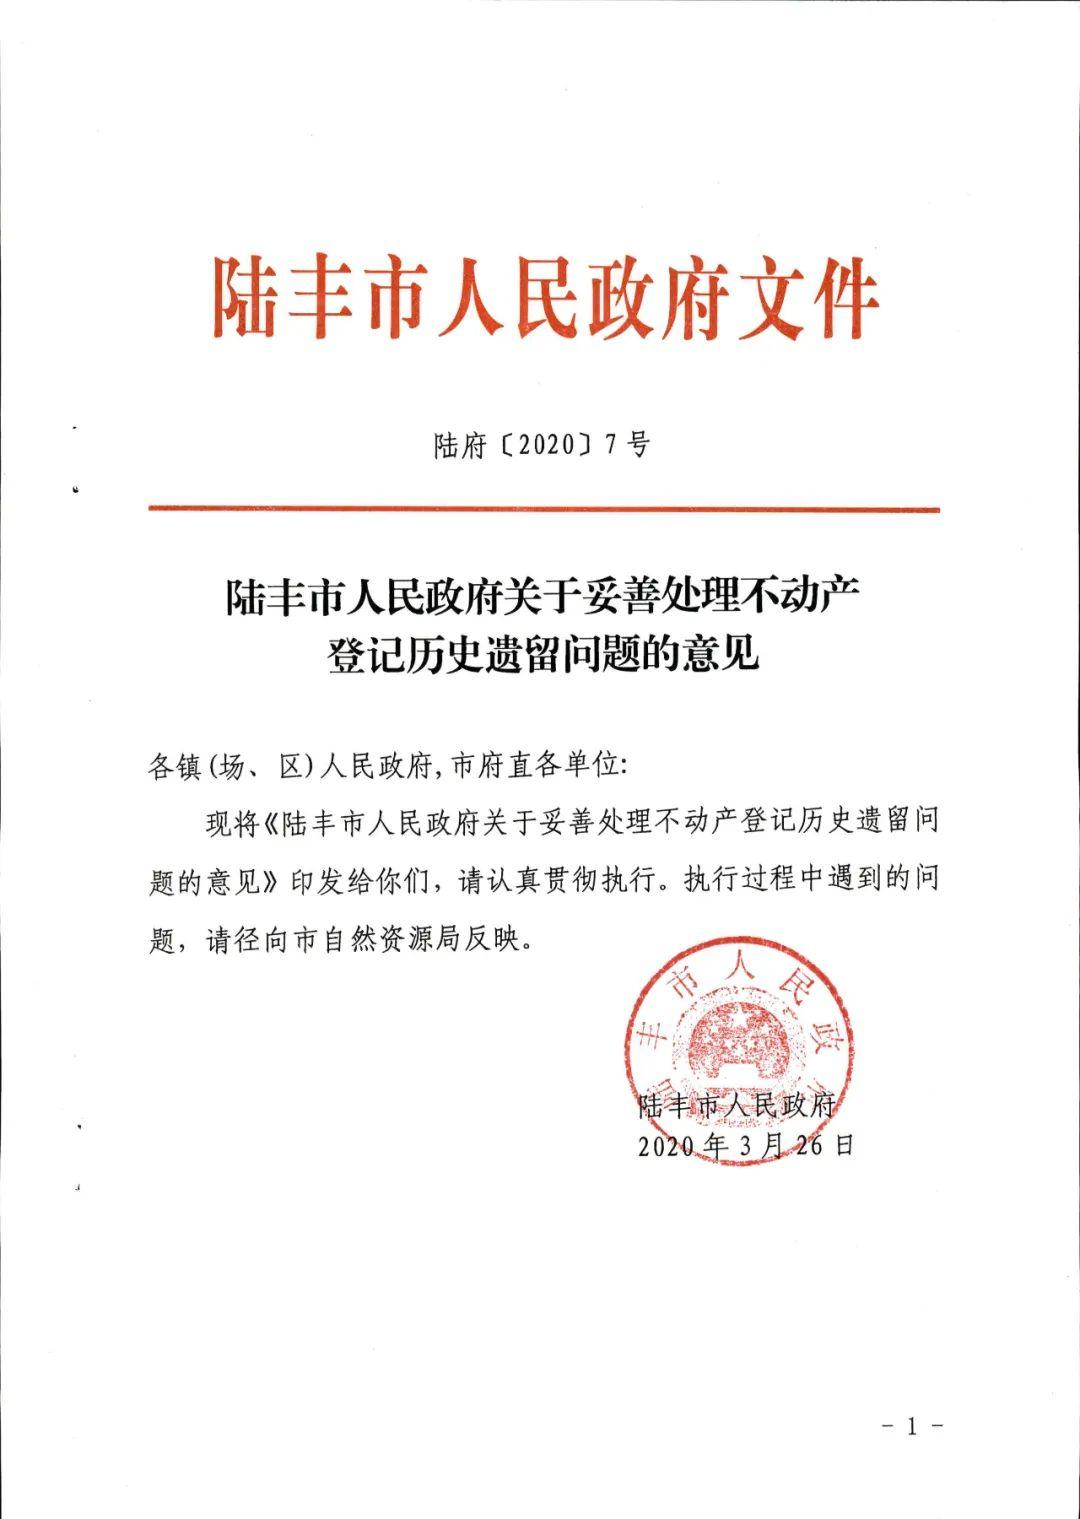 陆丰关于解决房产证办理历史遗留问题的最新通知 陆丰新闻 第1张